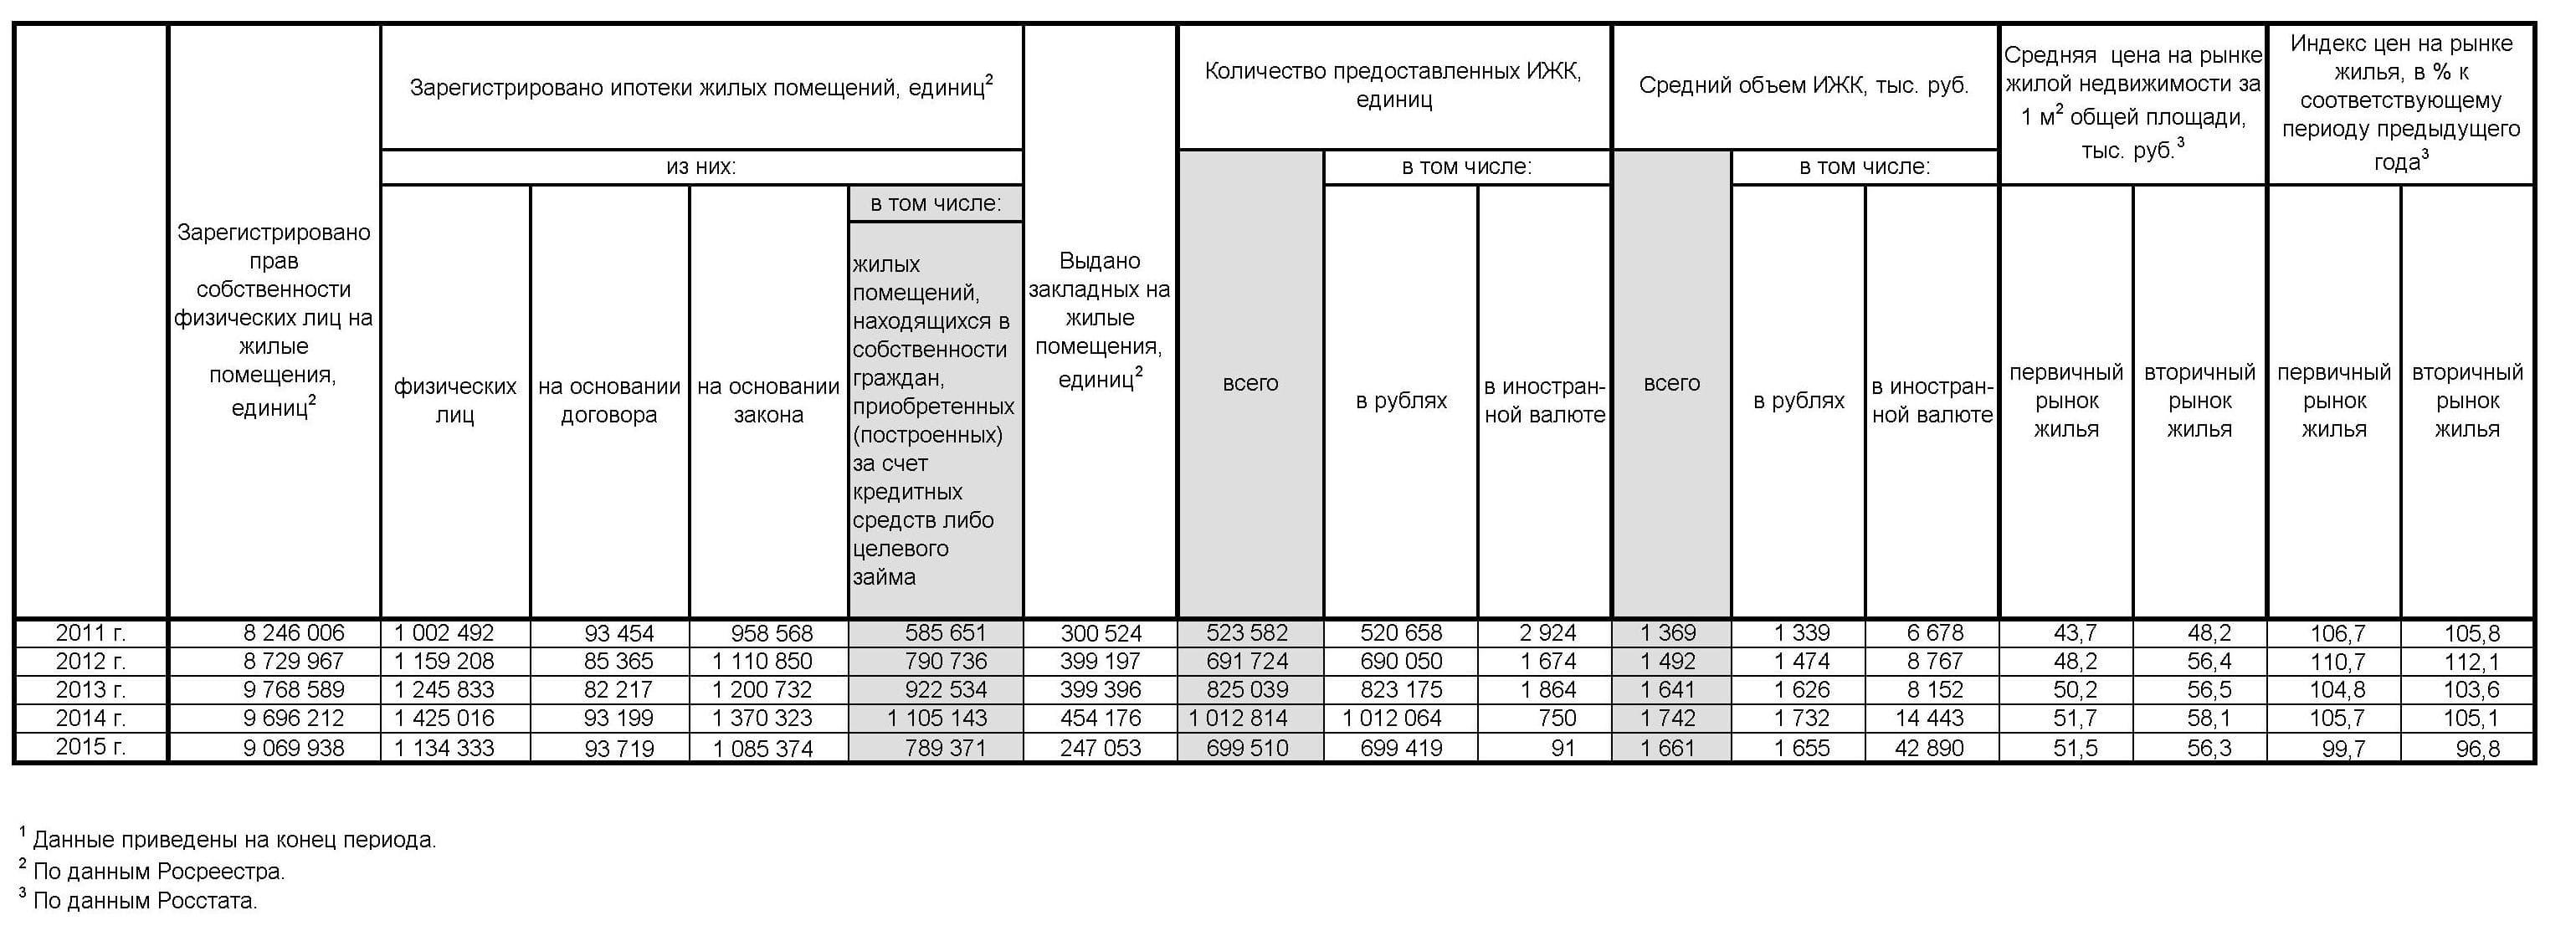 Правила государственной регистрации договора ипотеки: сроки и госпошлина 0